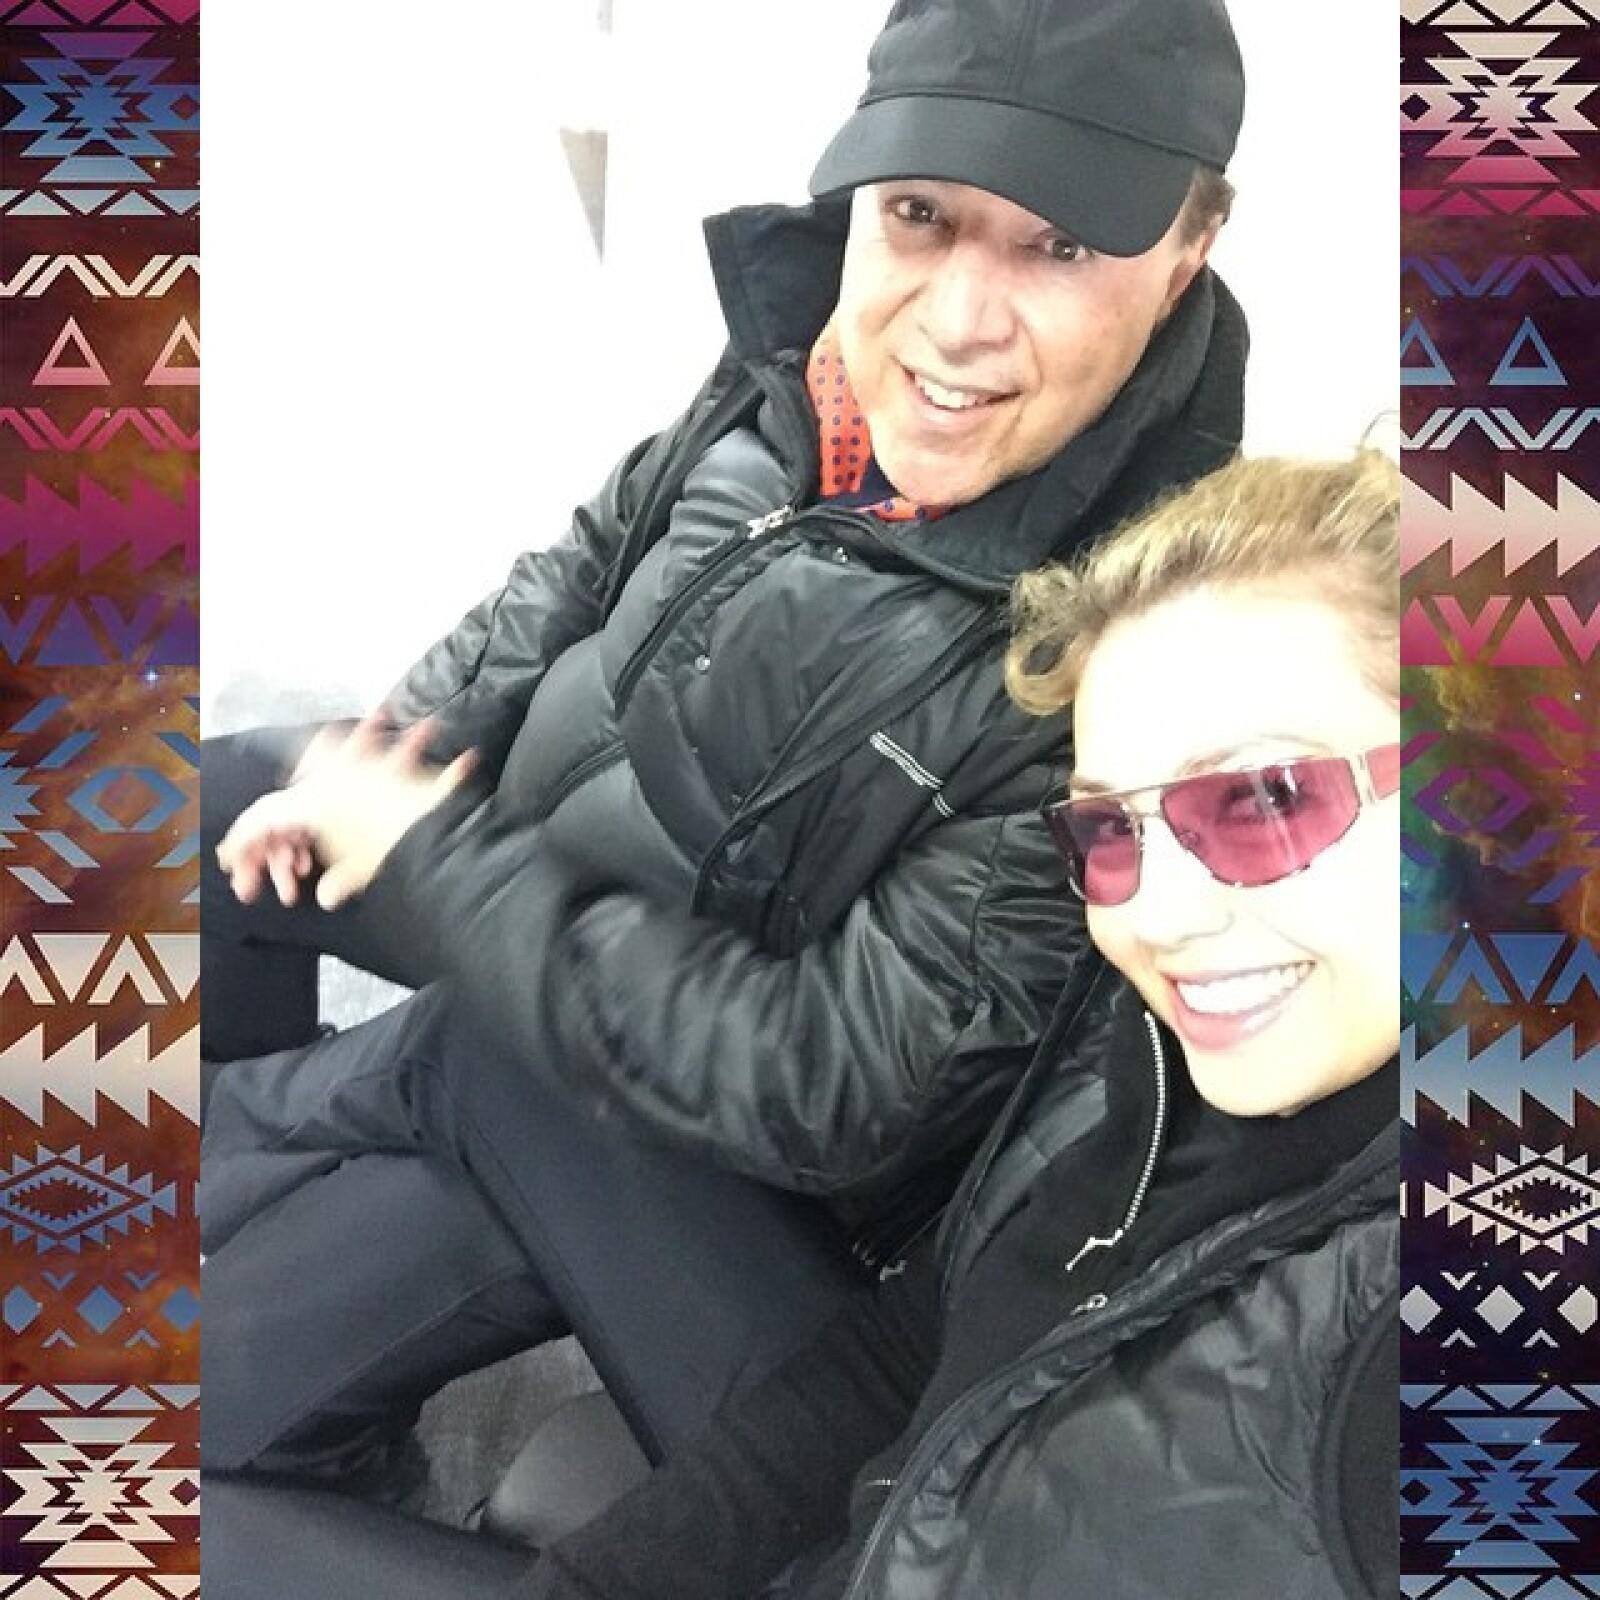 Son pocas las veces que Tommy aparece en el Instagram de Thalía, tomando en cuenta su constante actividad en esta red social de fotos.